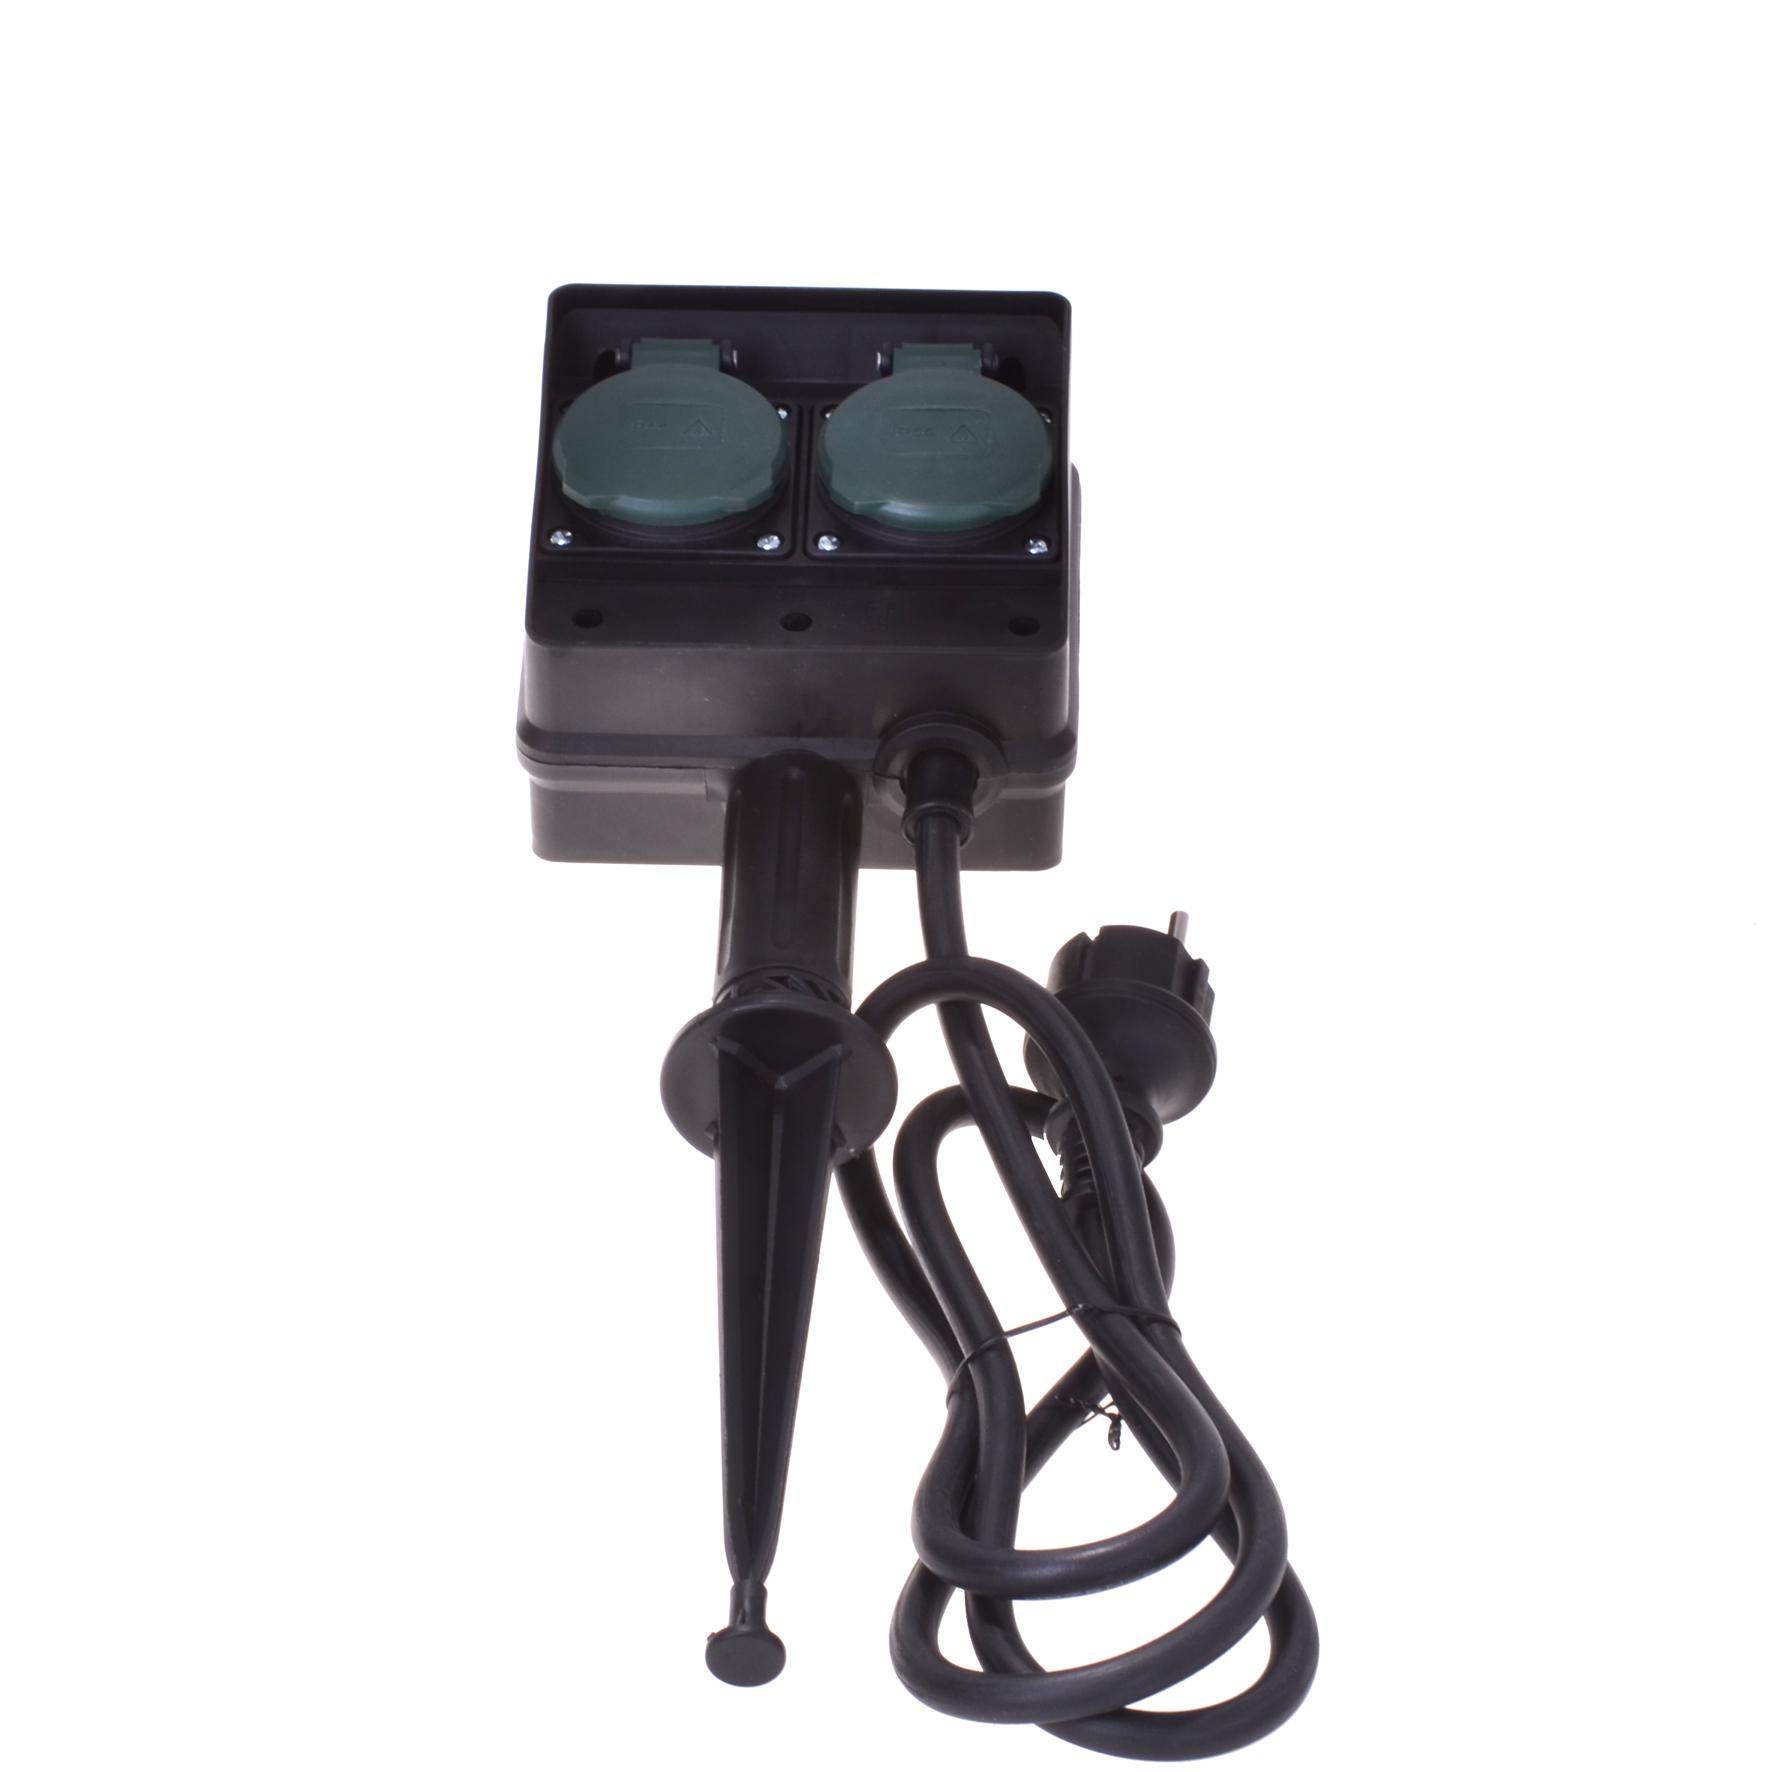 3fach steckdosen mit schalter steckdosenschalter stecker steckdosenadapter ebay. Black Bedroom Furniture Sets. Home Design Ideas